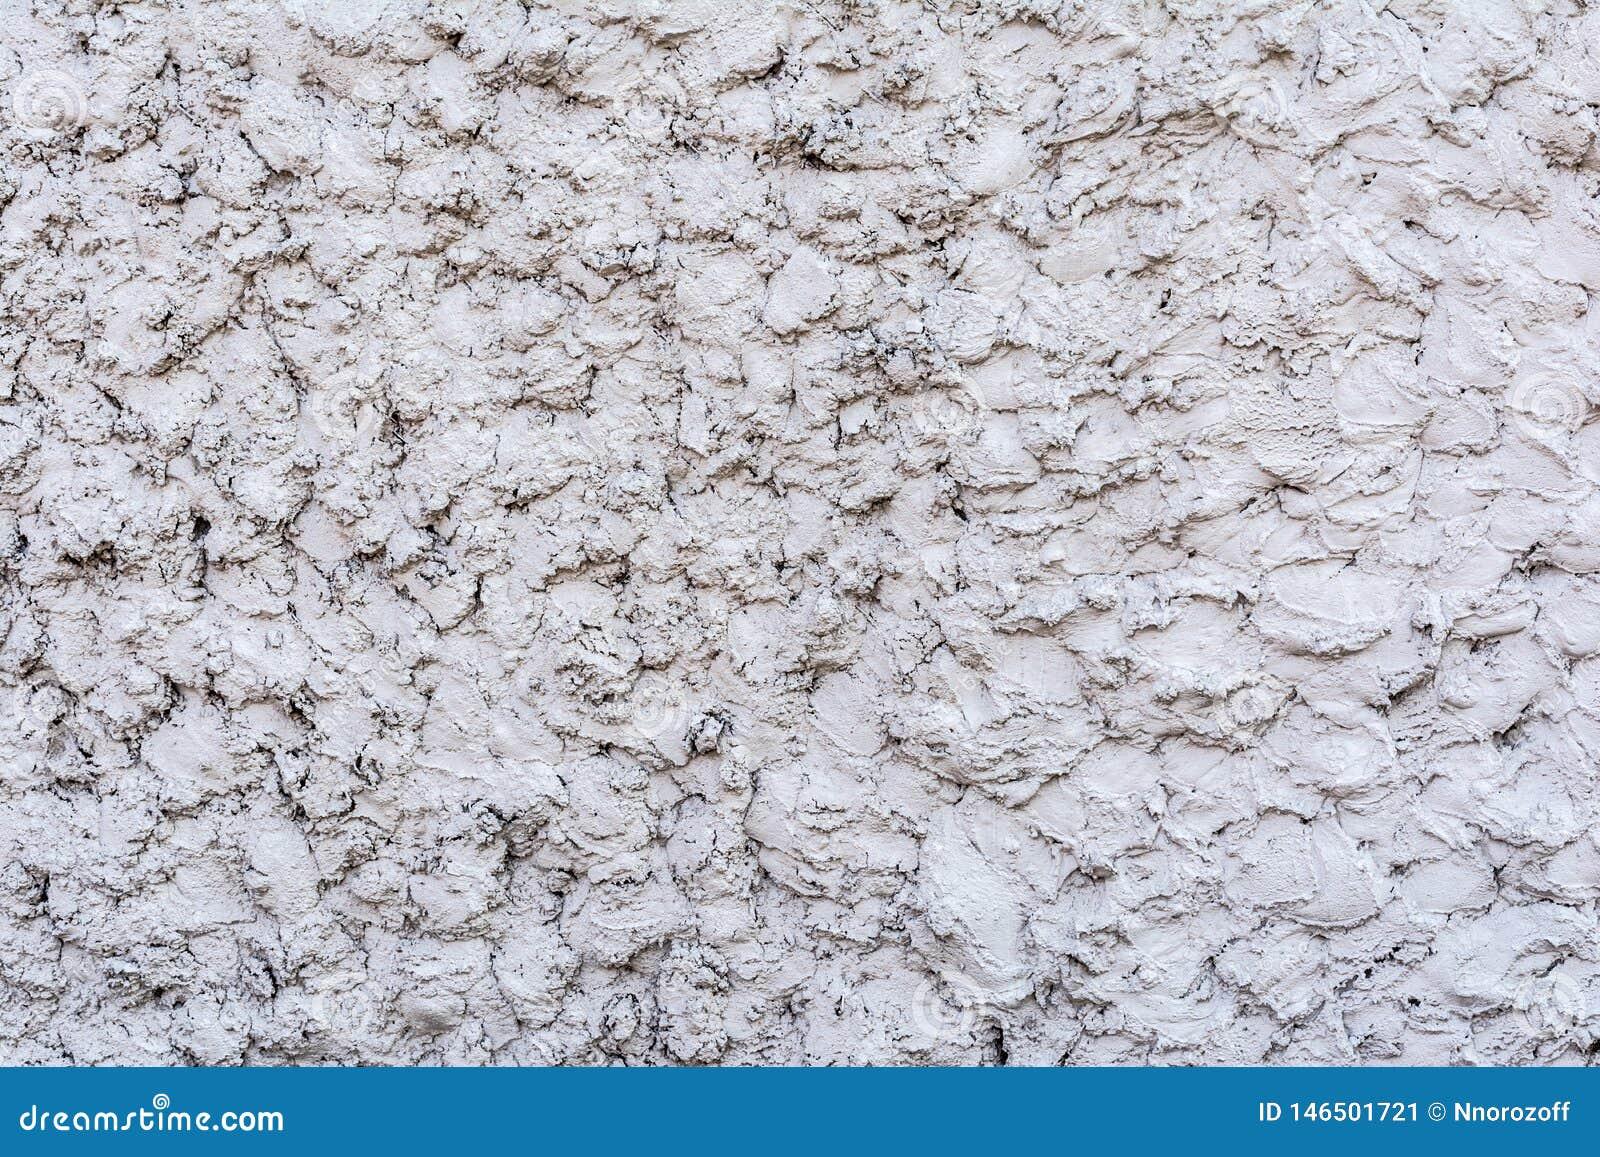 Textura gris de un muro de cemento, capa de yeso decorativo, fondo abstracto